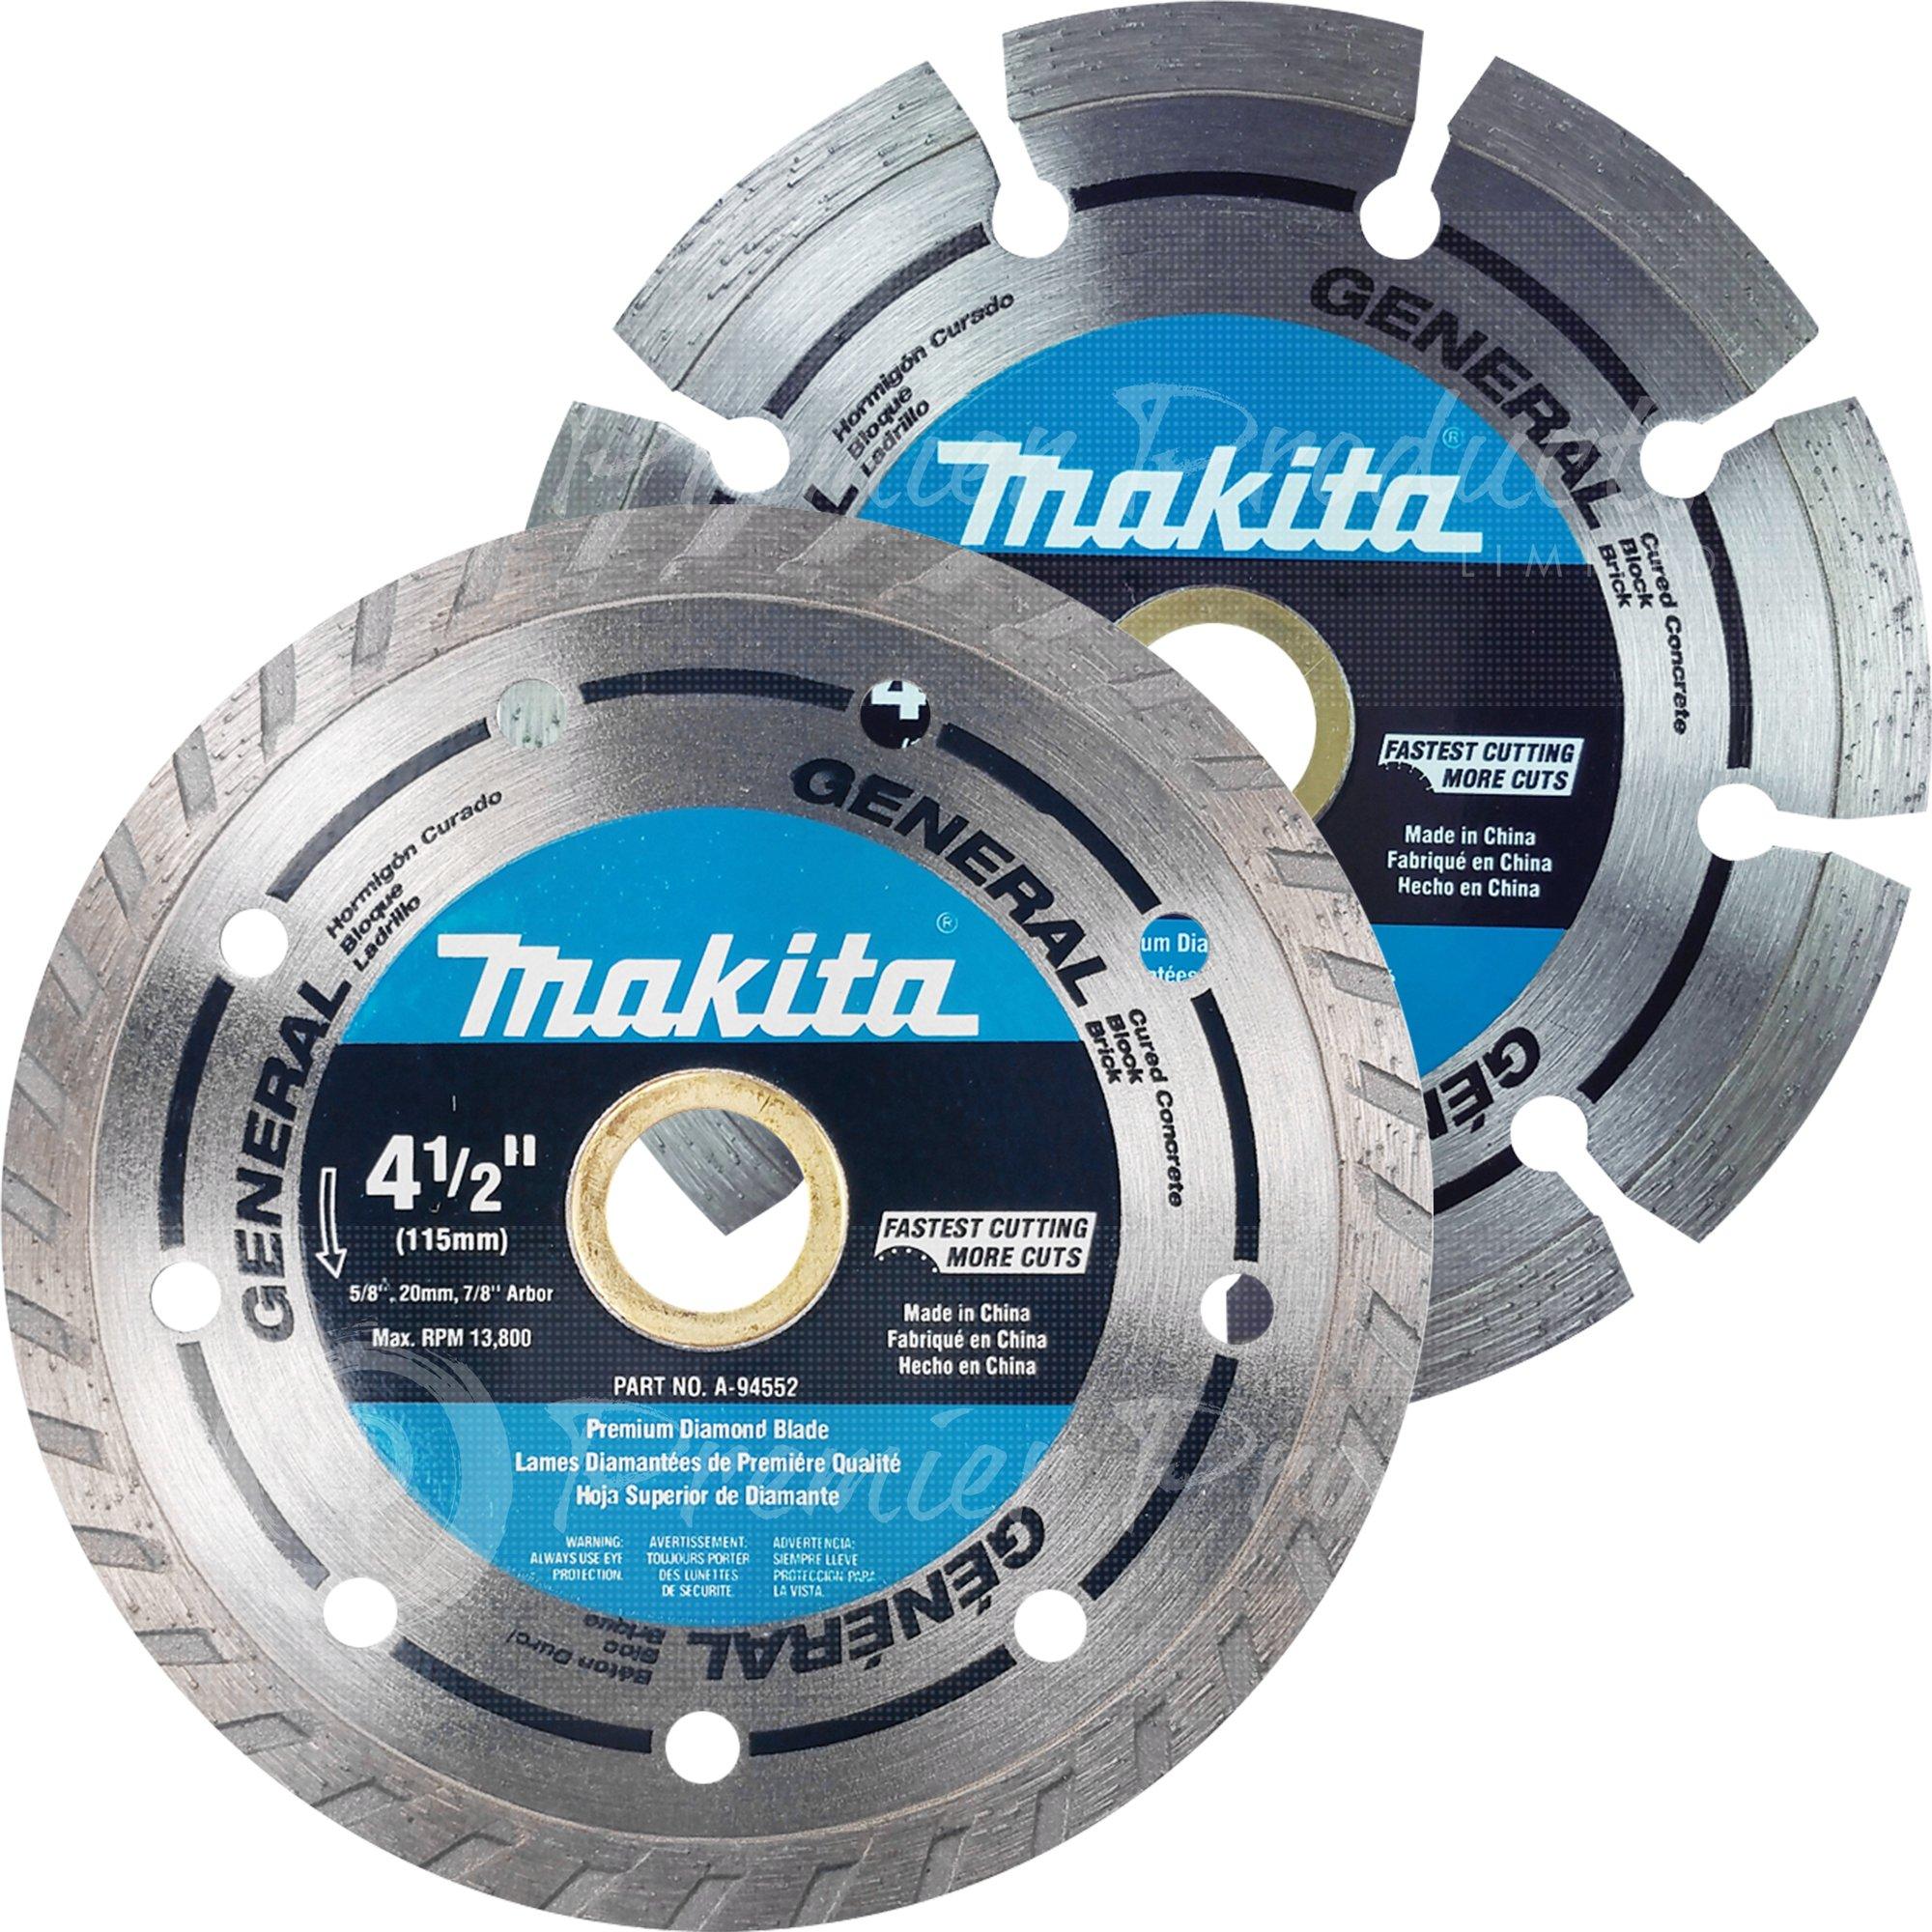 Disco de Diamante MAKITA 2 piezas - Juego de turbo y segmentado de 4.5 pulg.para rectificadoras y sierras circulares de